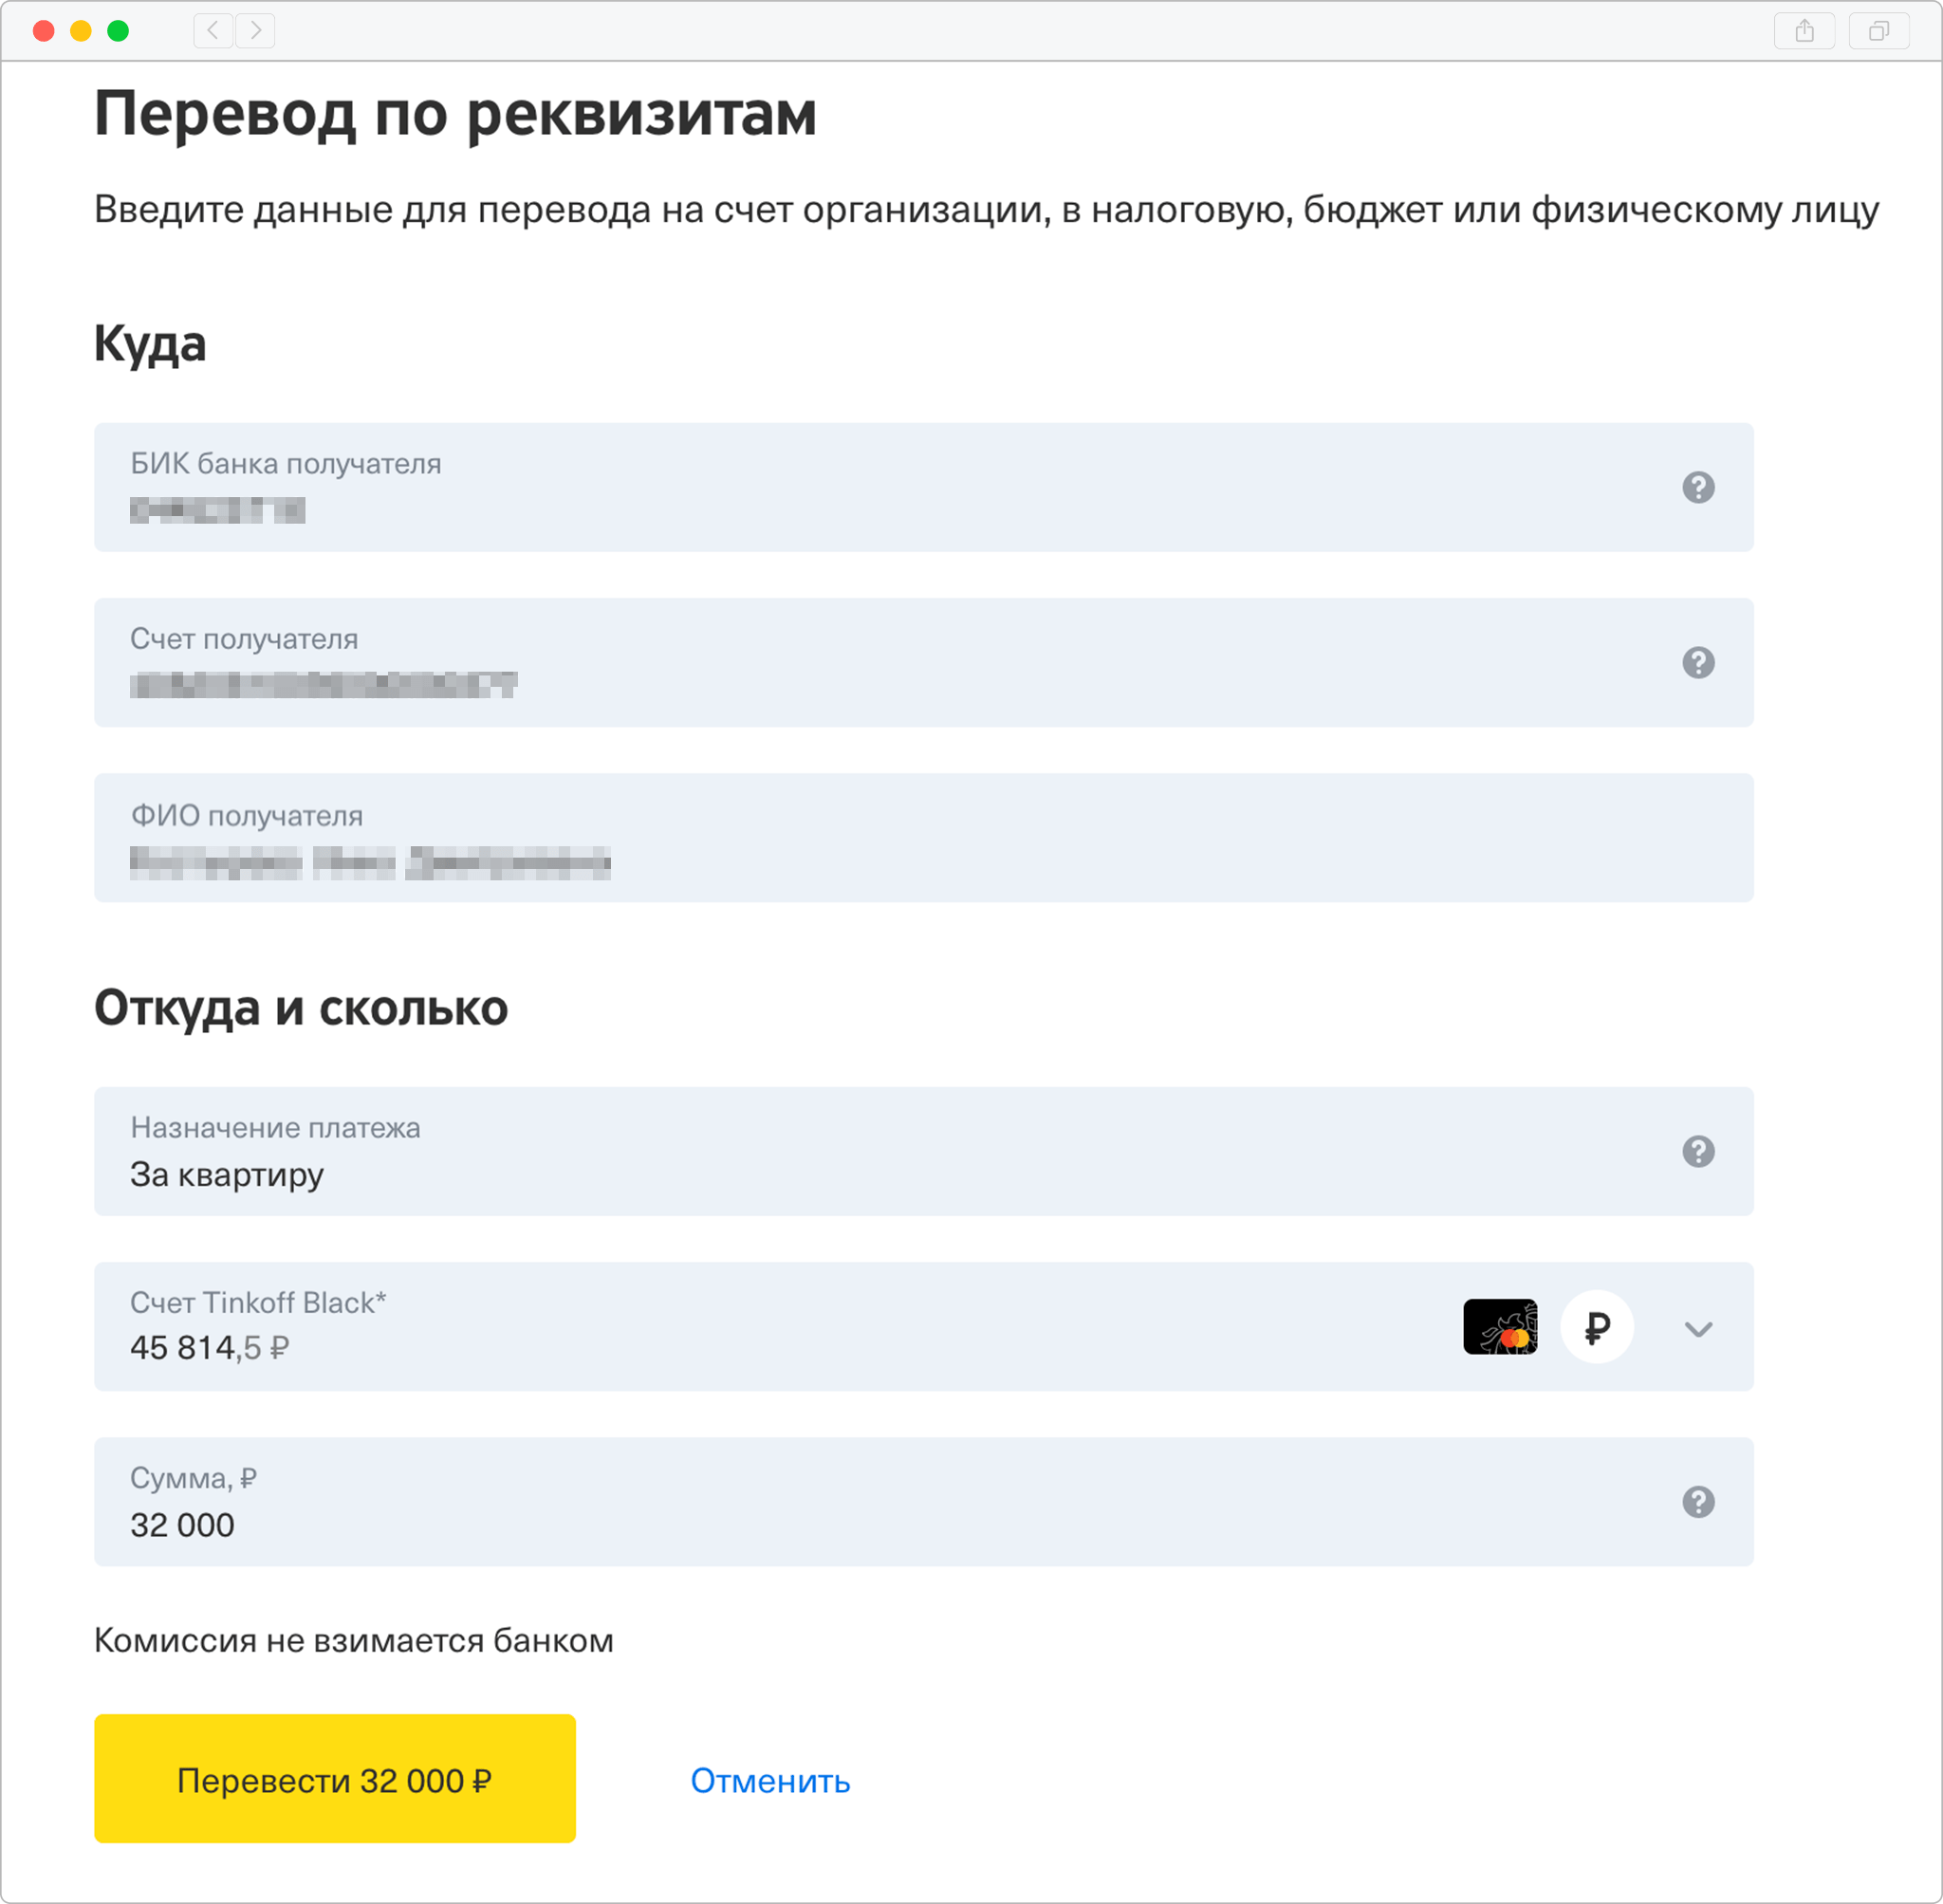 Как совершить перевод по реквизитам Тинькофф